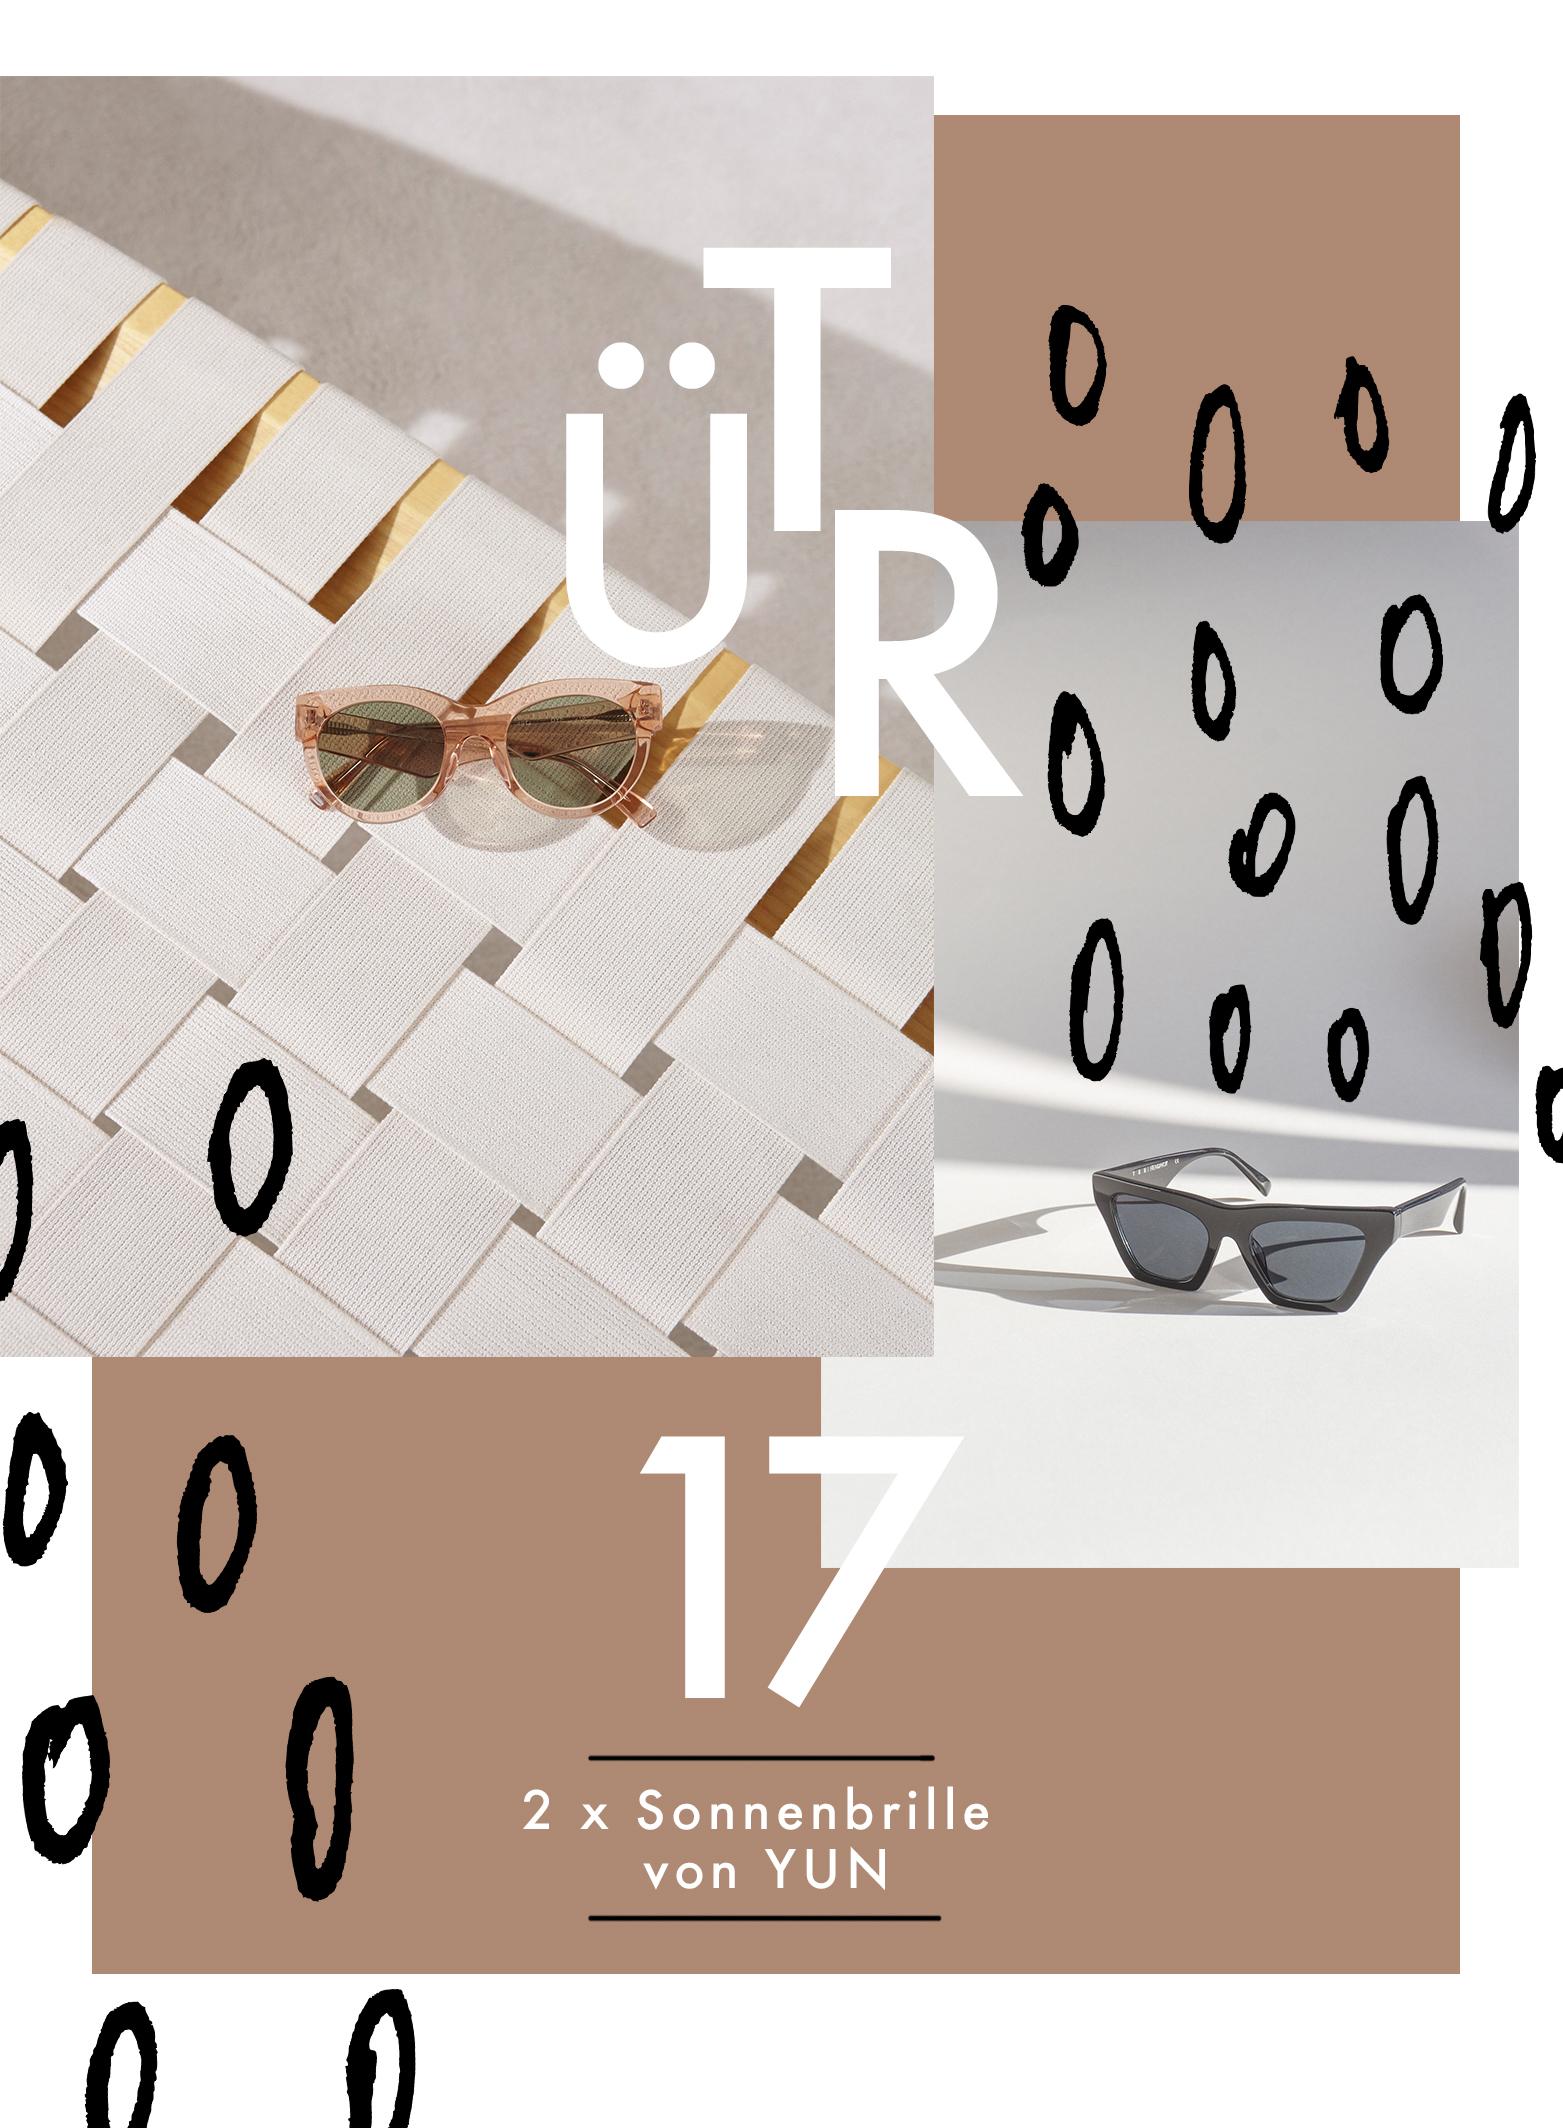 Tür 17: 2 x Sonnenbrille von YUN